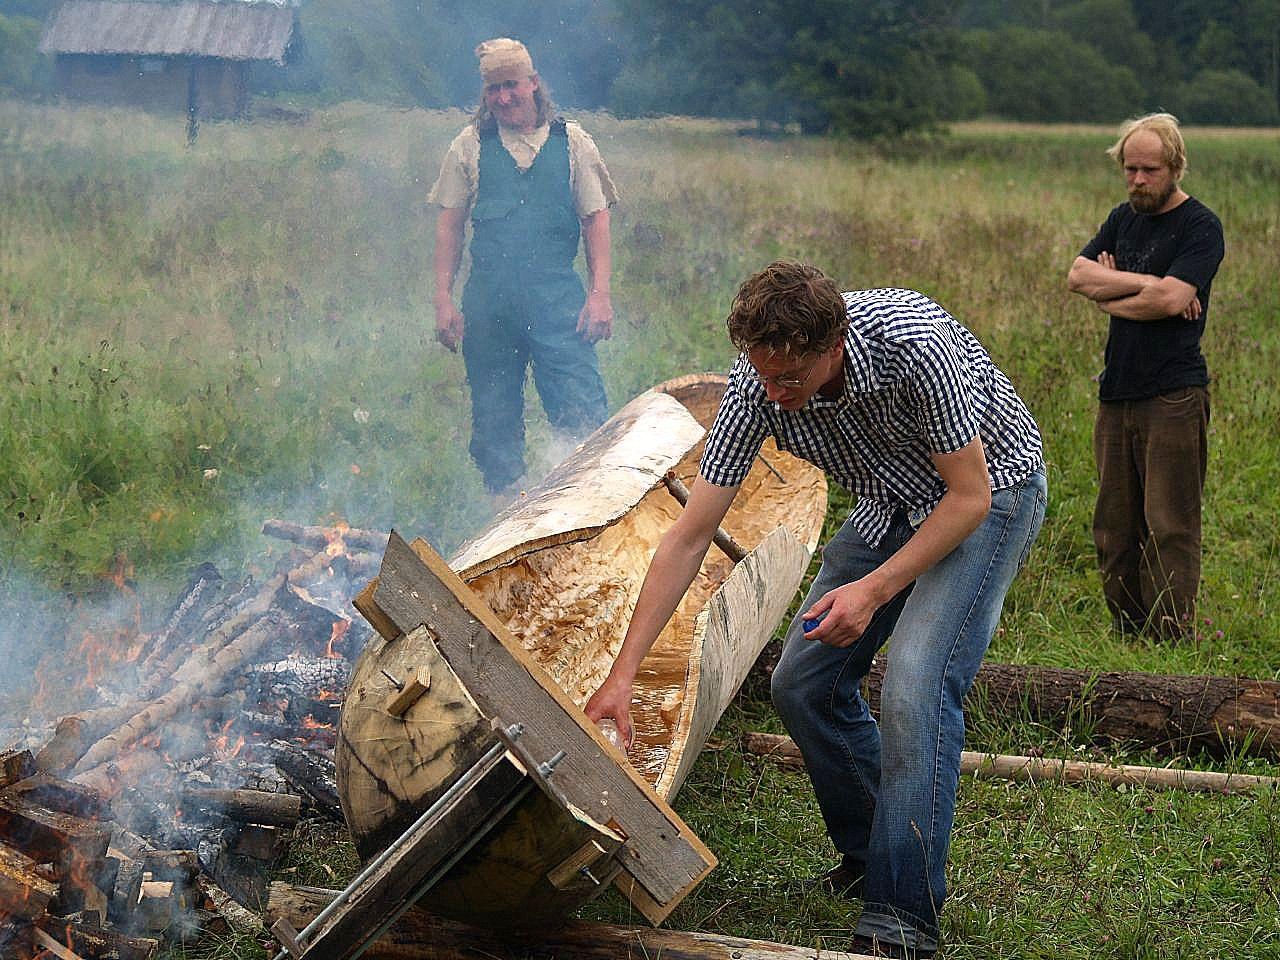 Dugout canoe-building workshop